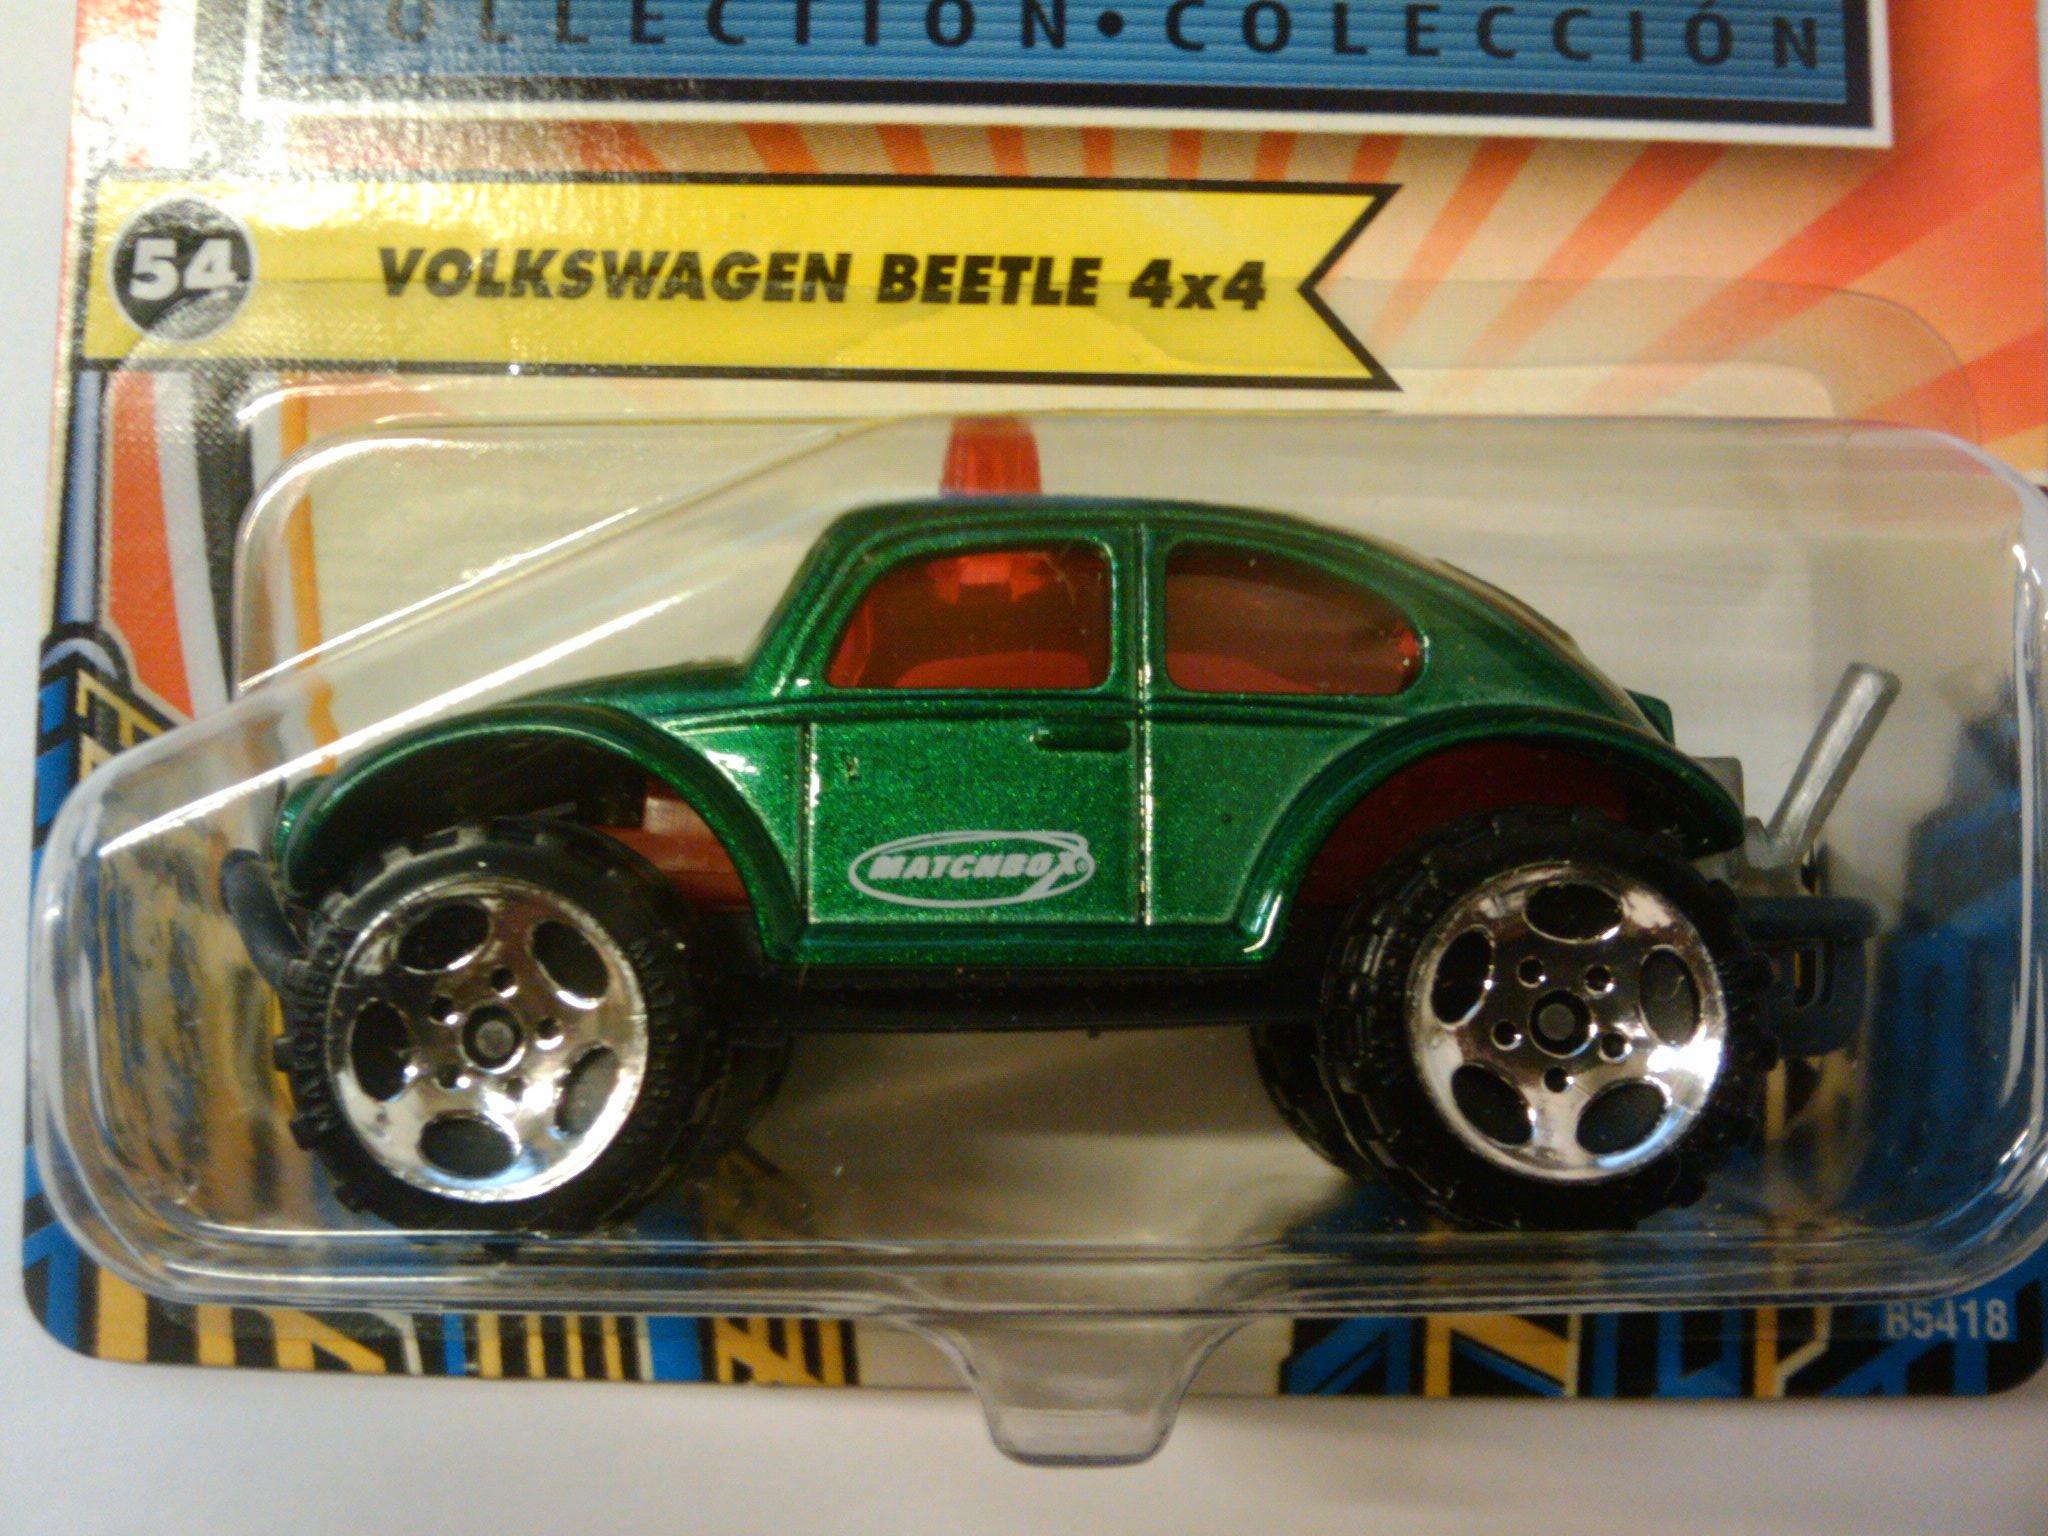 Beetle 4x4